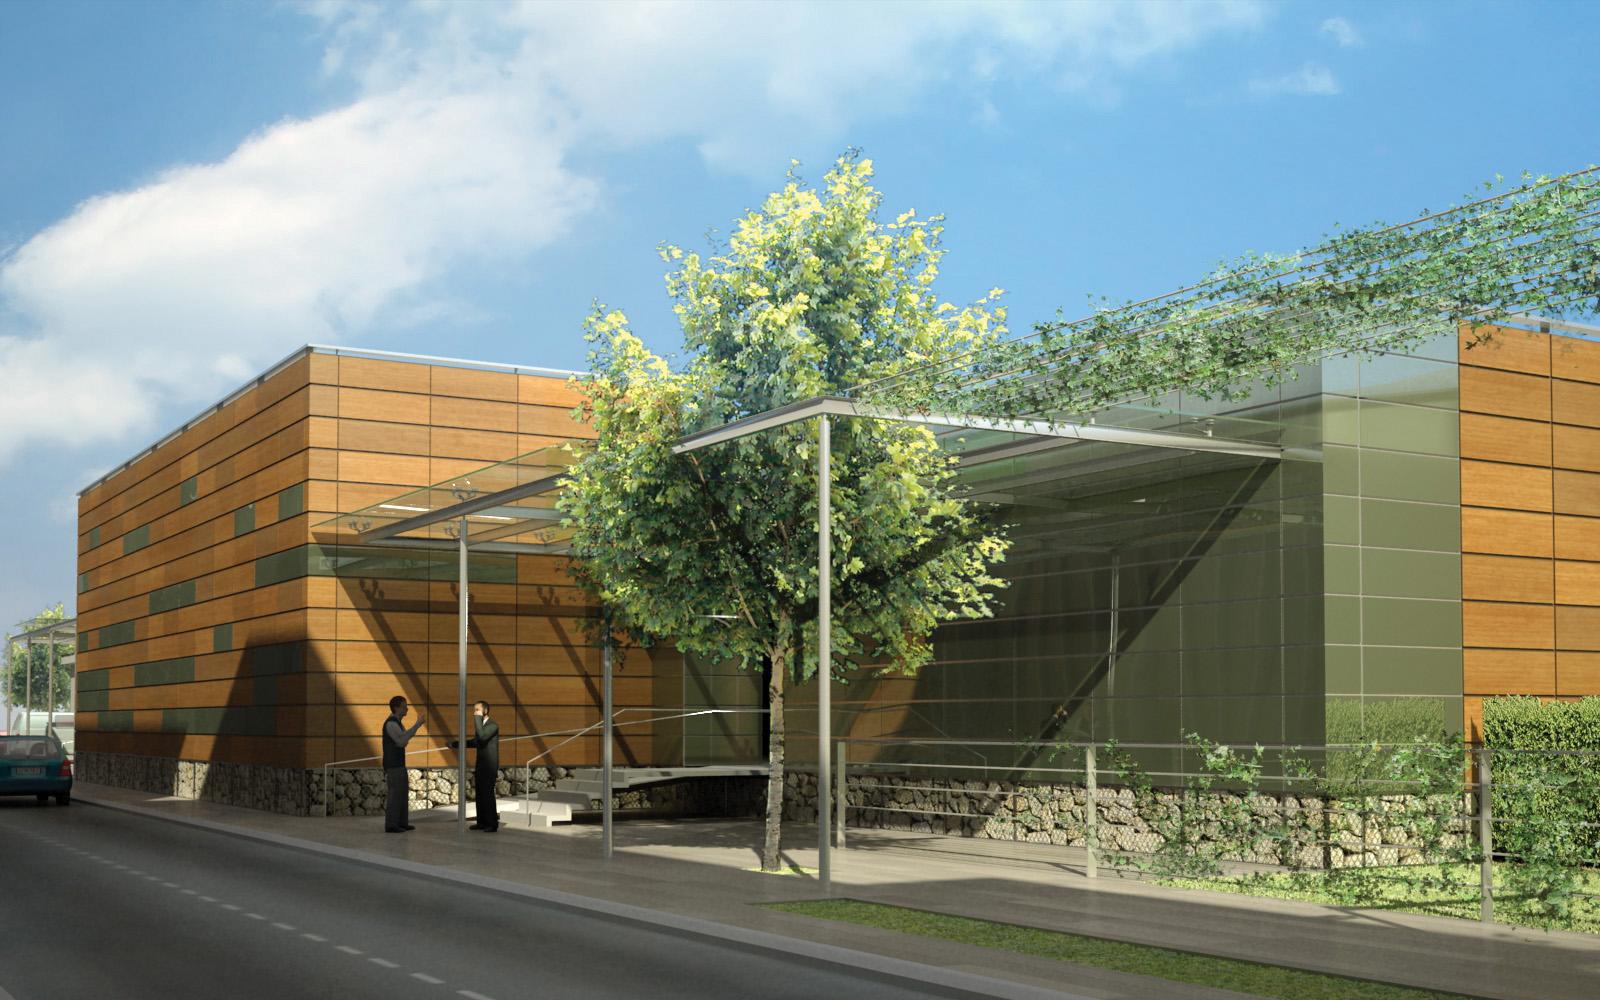 001 - Conceptual Design House